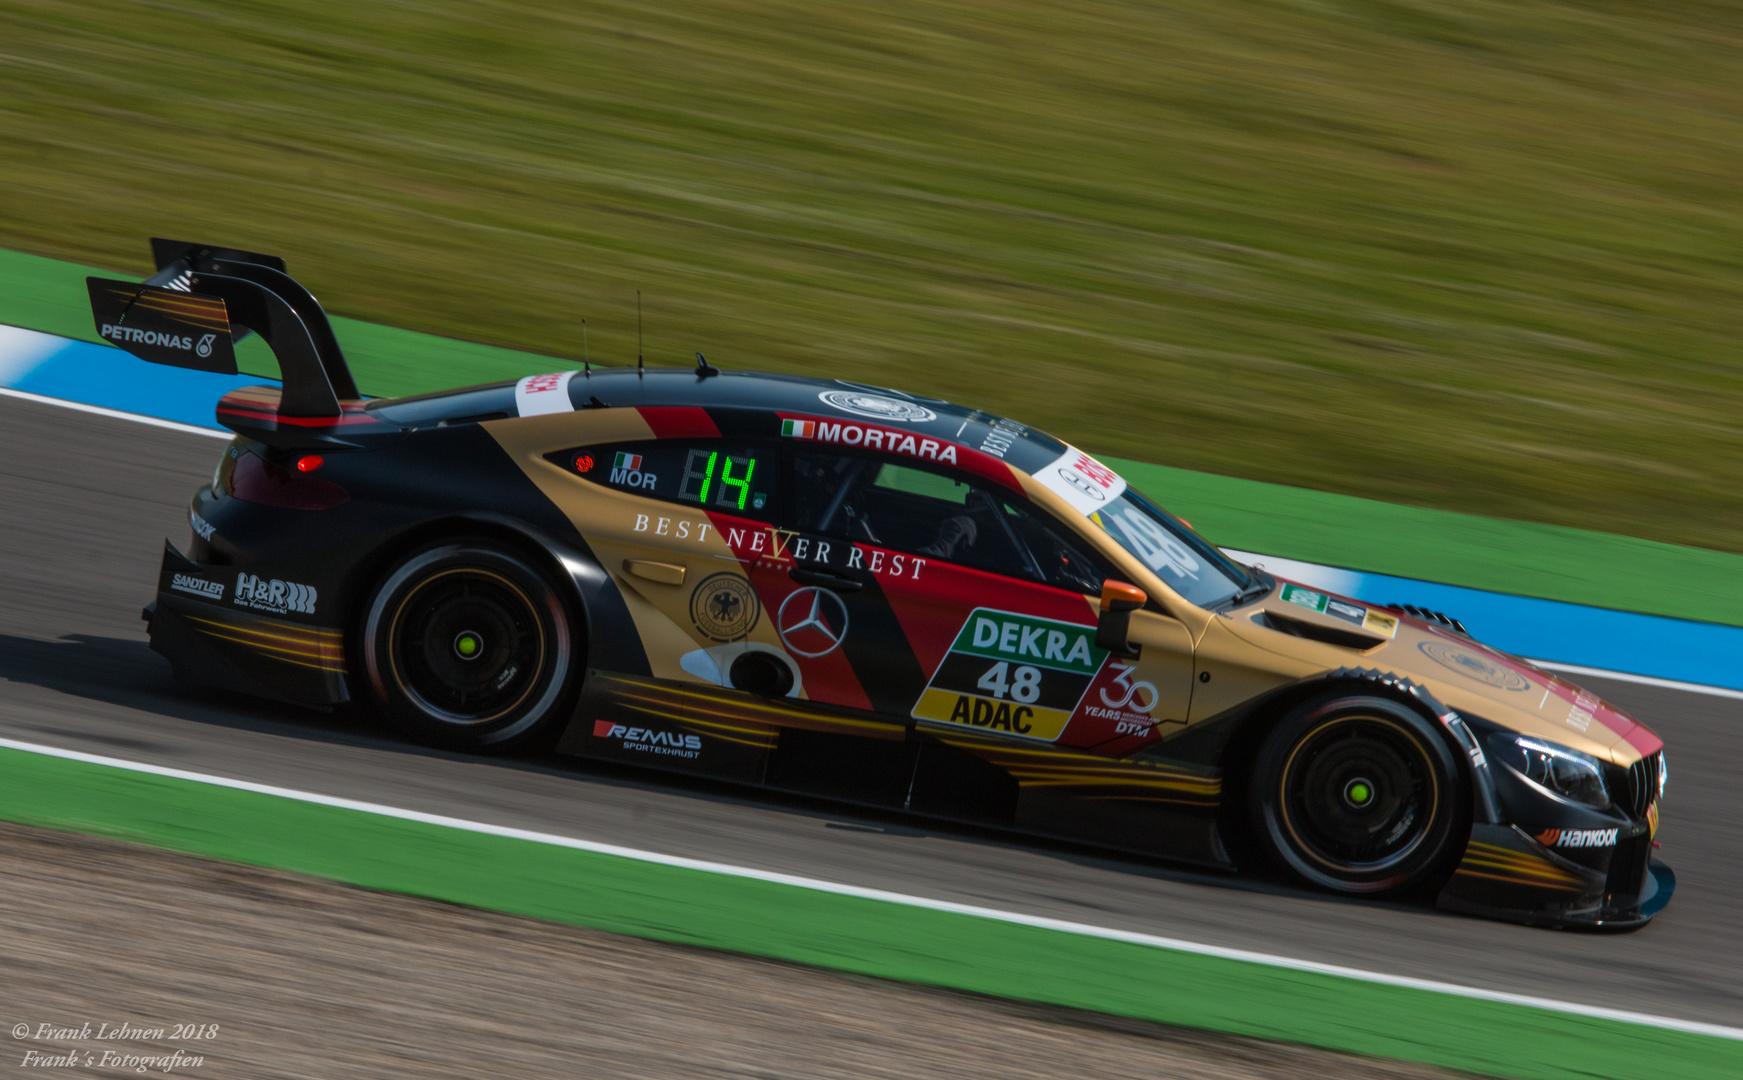 DTM Auftakt 2018 in Hockenheim - Edoardo Motara, Mercedes HWA # 48